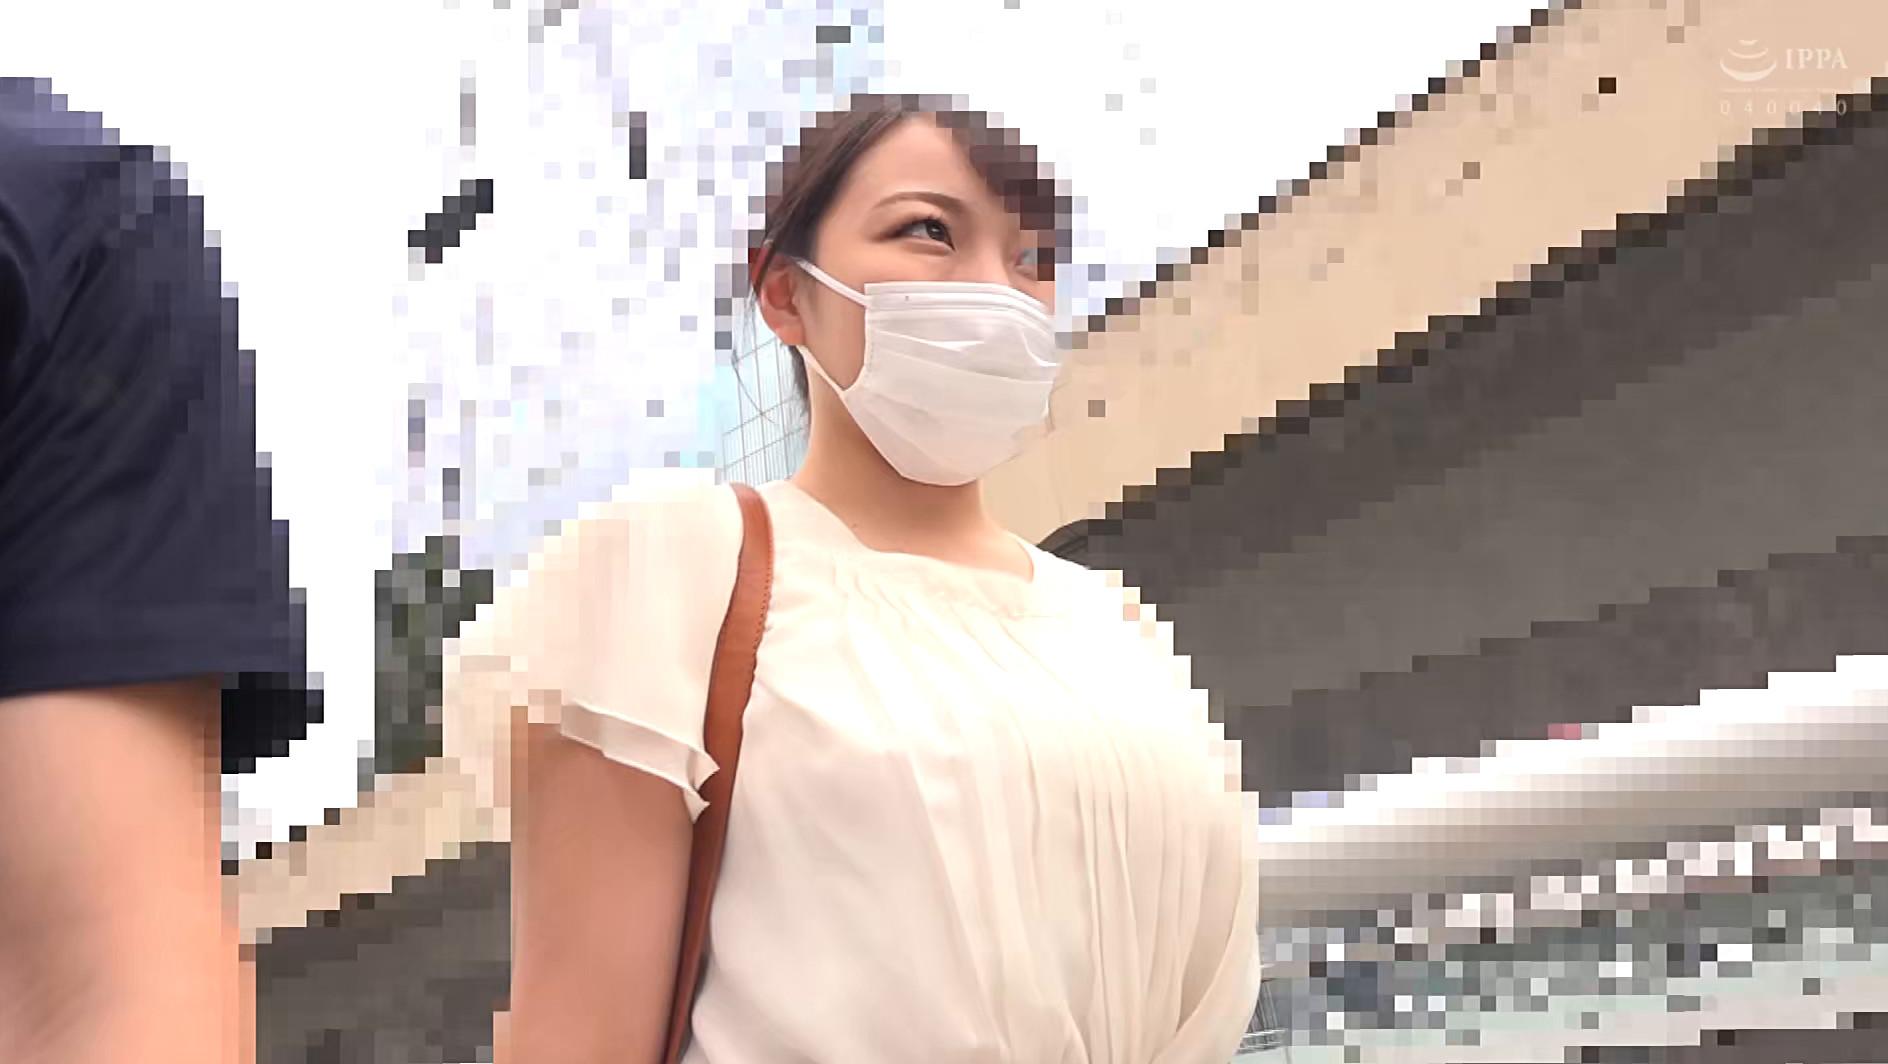 発掘☆デカ乳素人 24